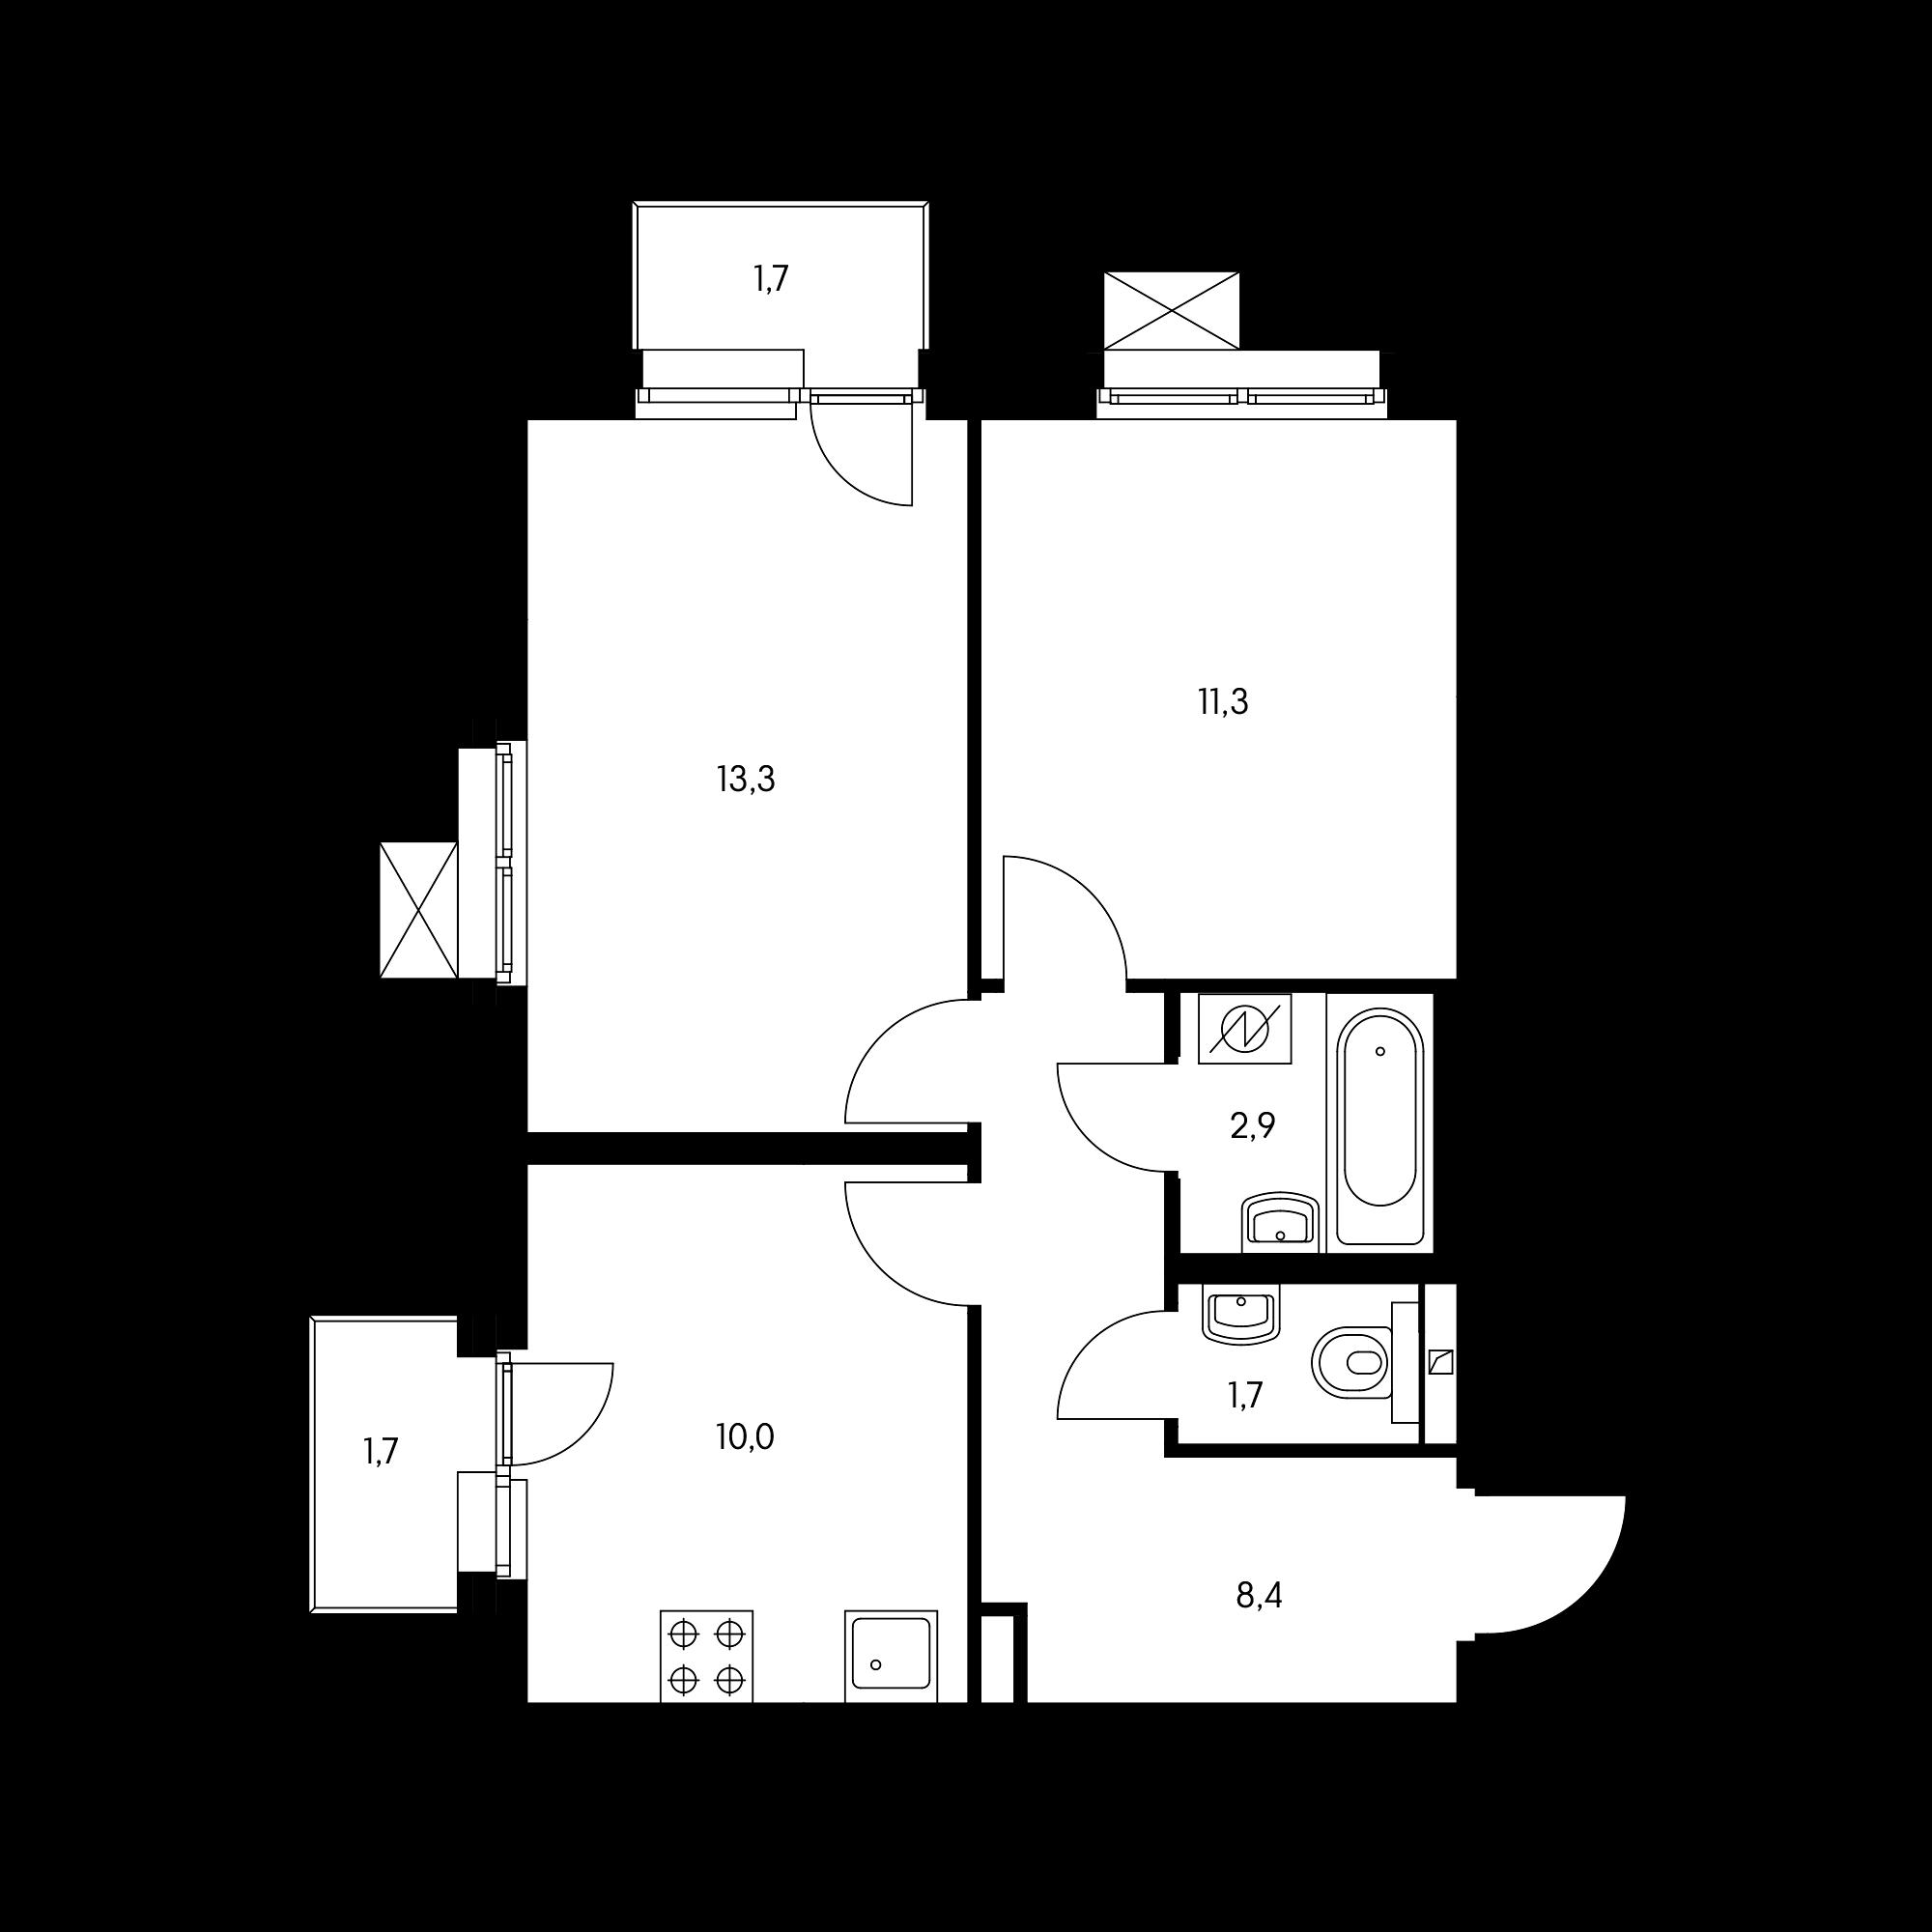 2KS21_6.3-1SZB1